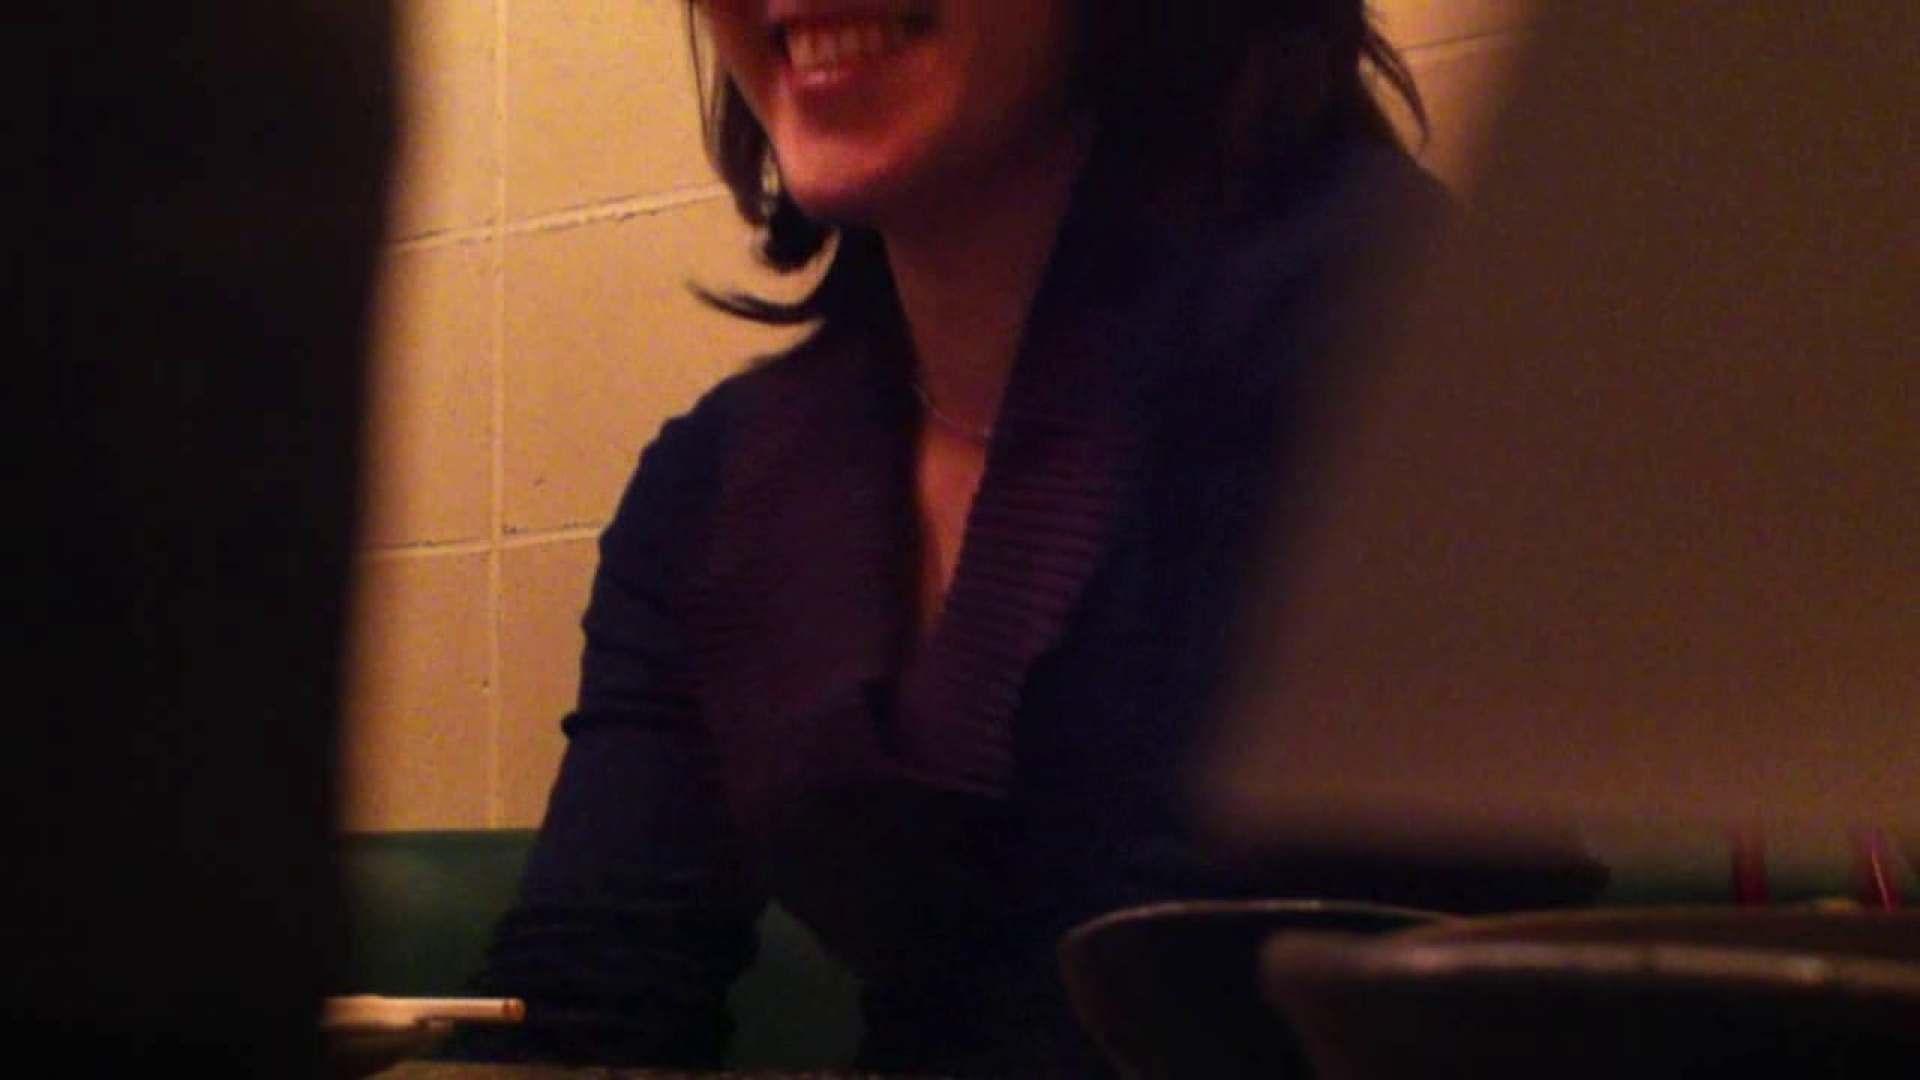 32才バツイチ子持ち現役看護婦じゅんこの変態願望Vol.1 ホテル AV動画キャプチャ 85画像 23